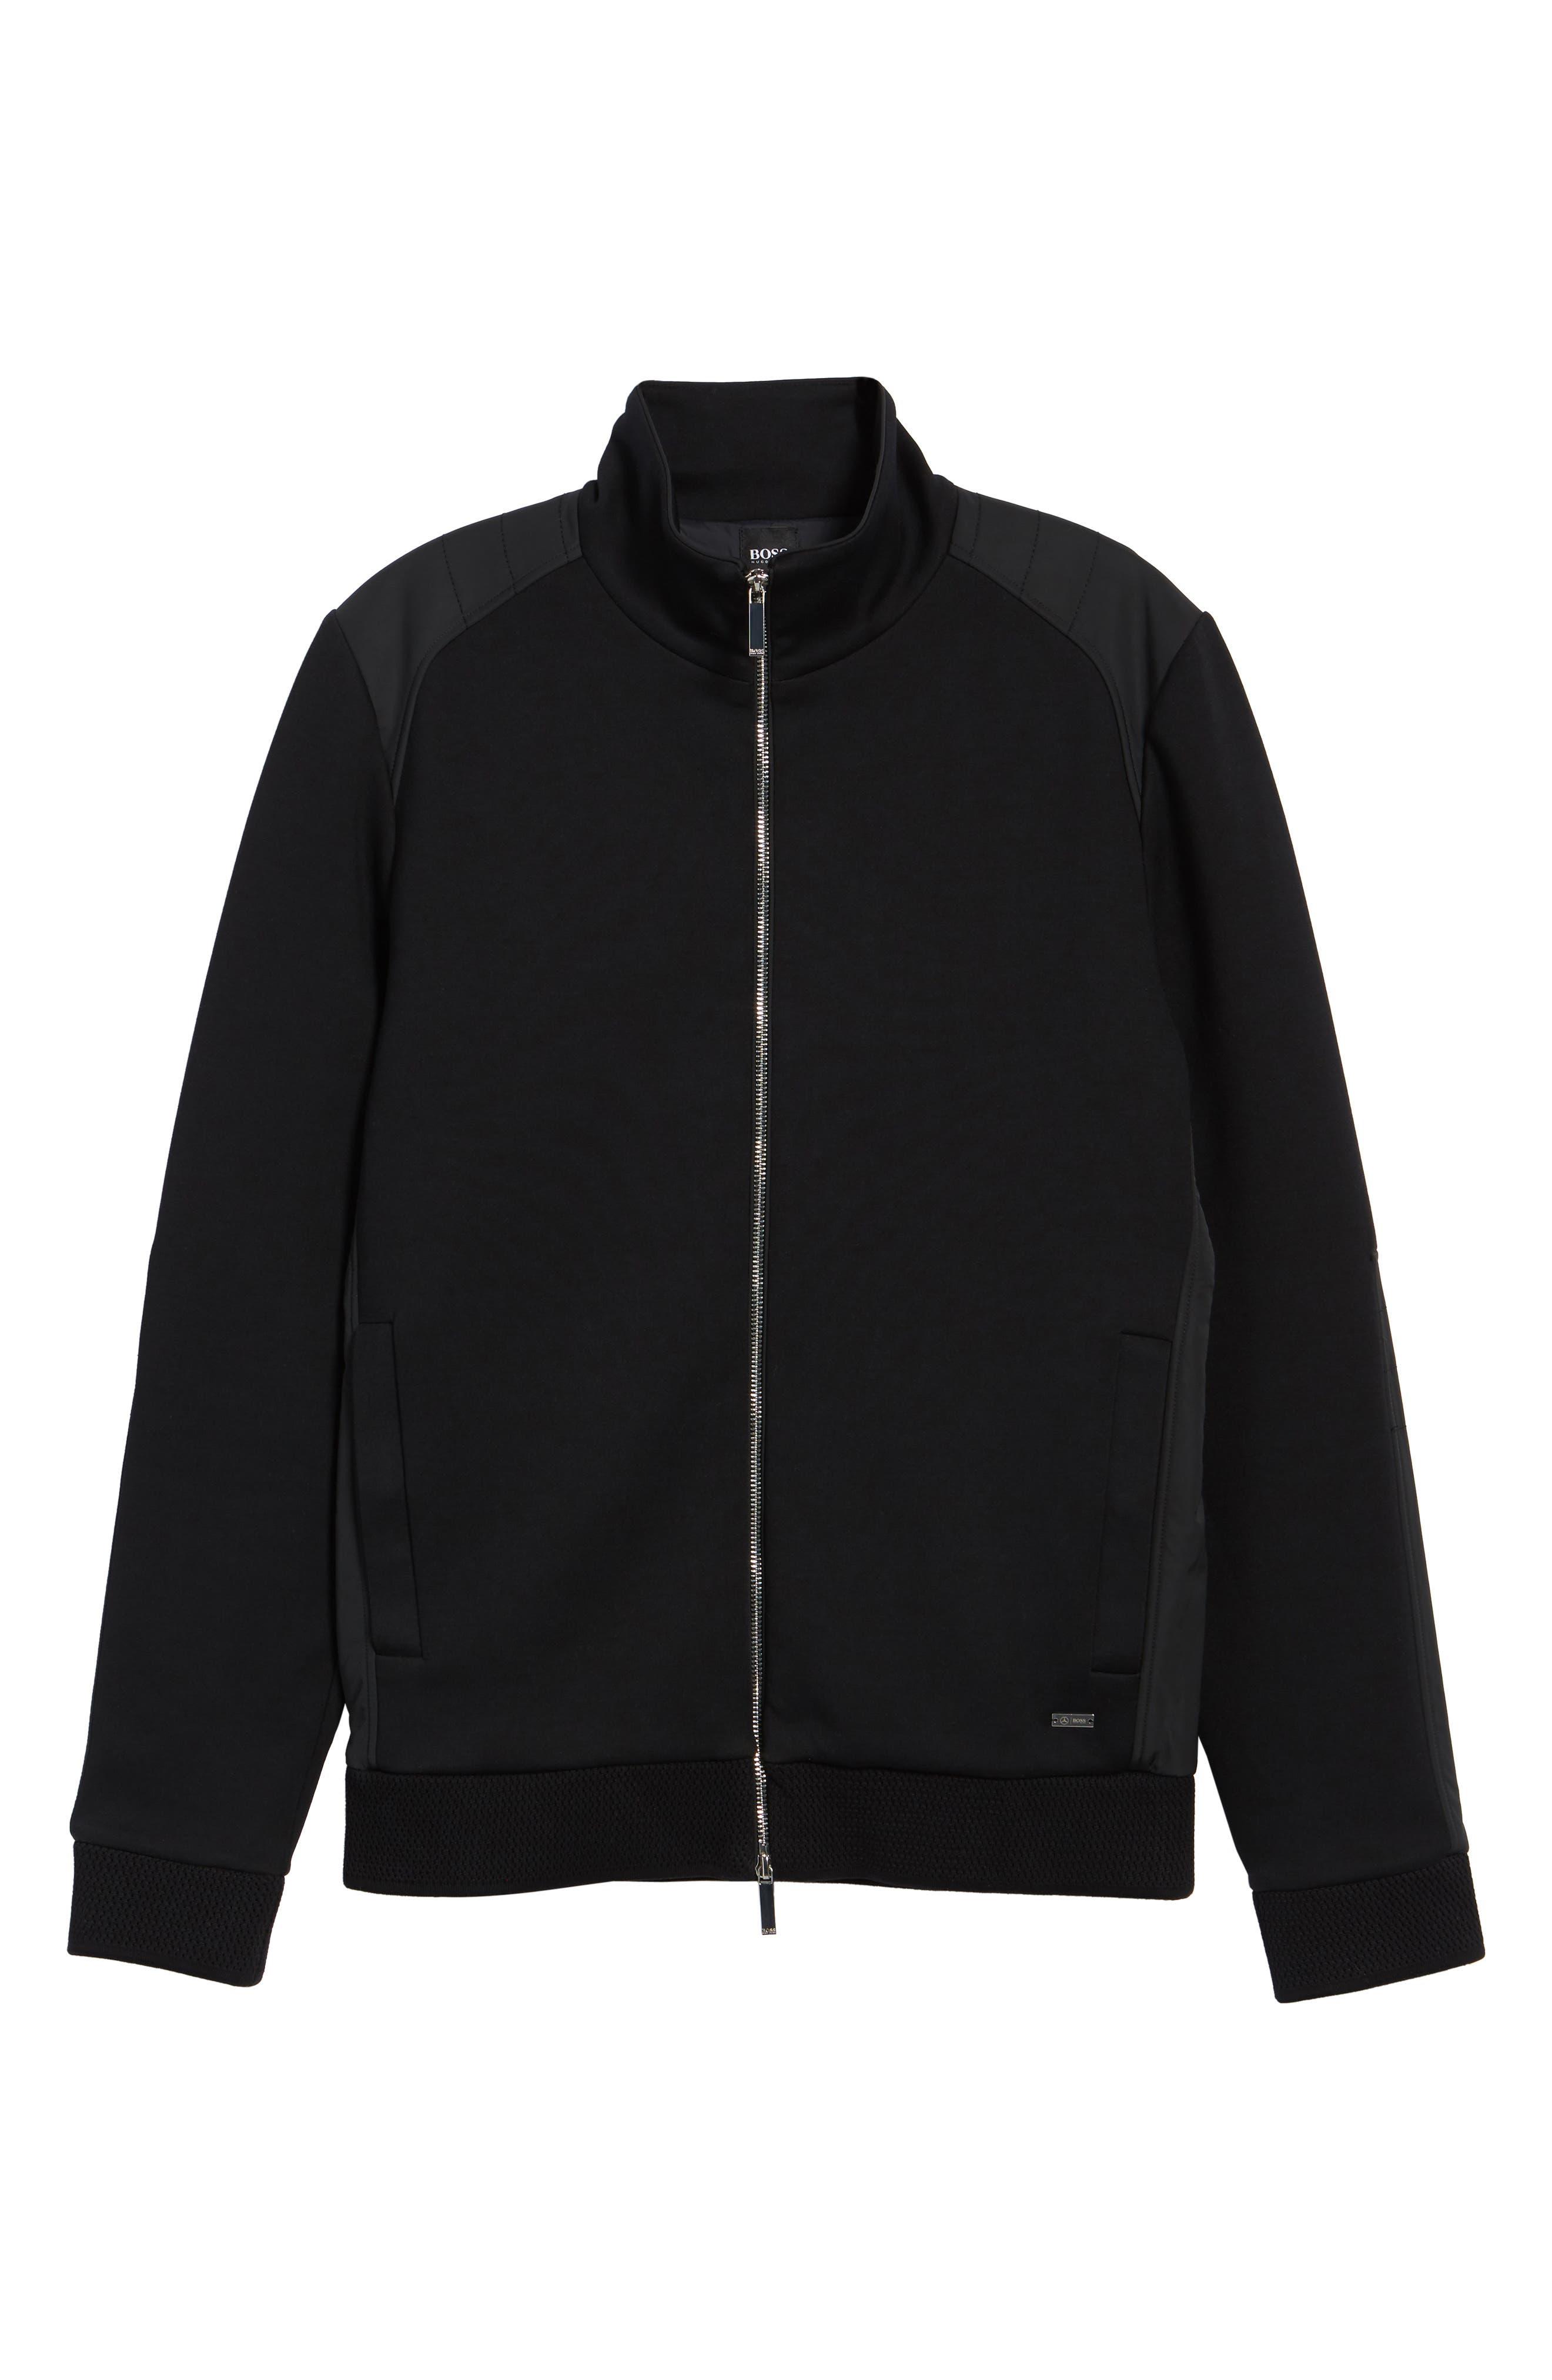 Soule Mercedes Slim Fit Zip Jacket,                             Alternate thumbnail 6, color,                             001